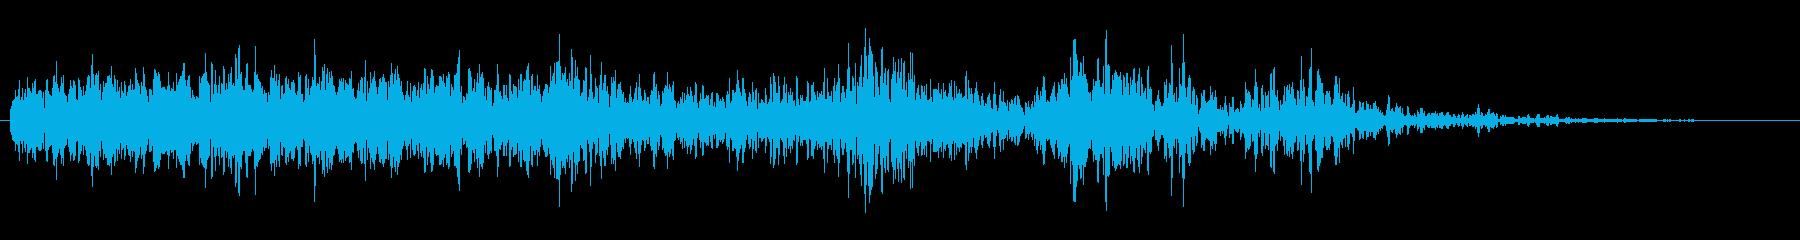 太陽爆発の再生済みの波形